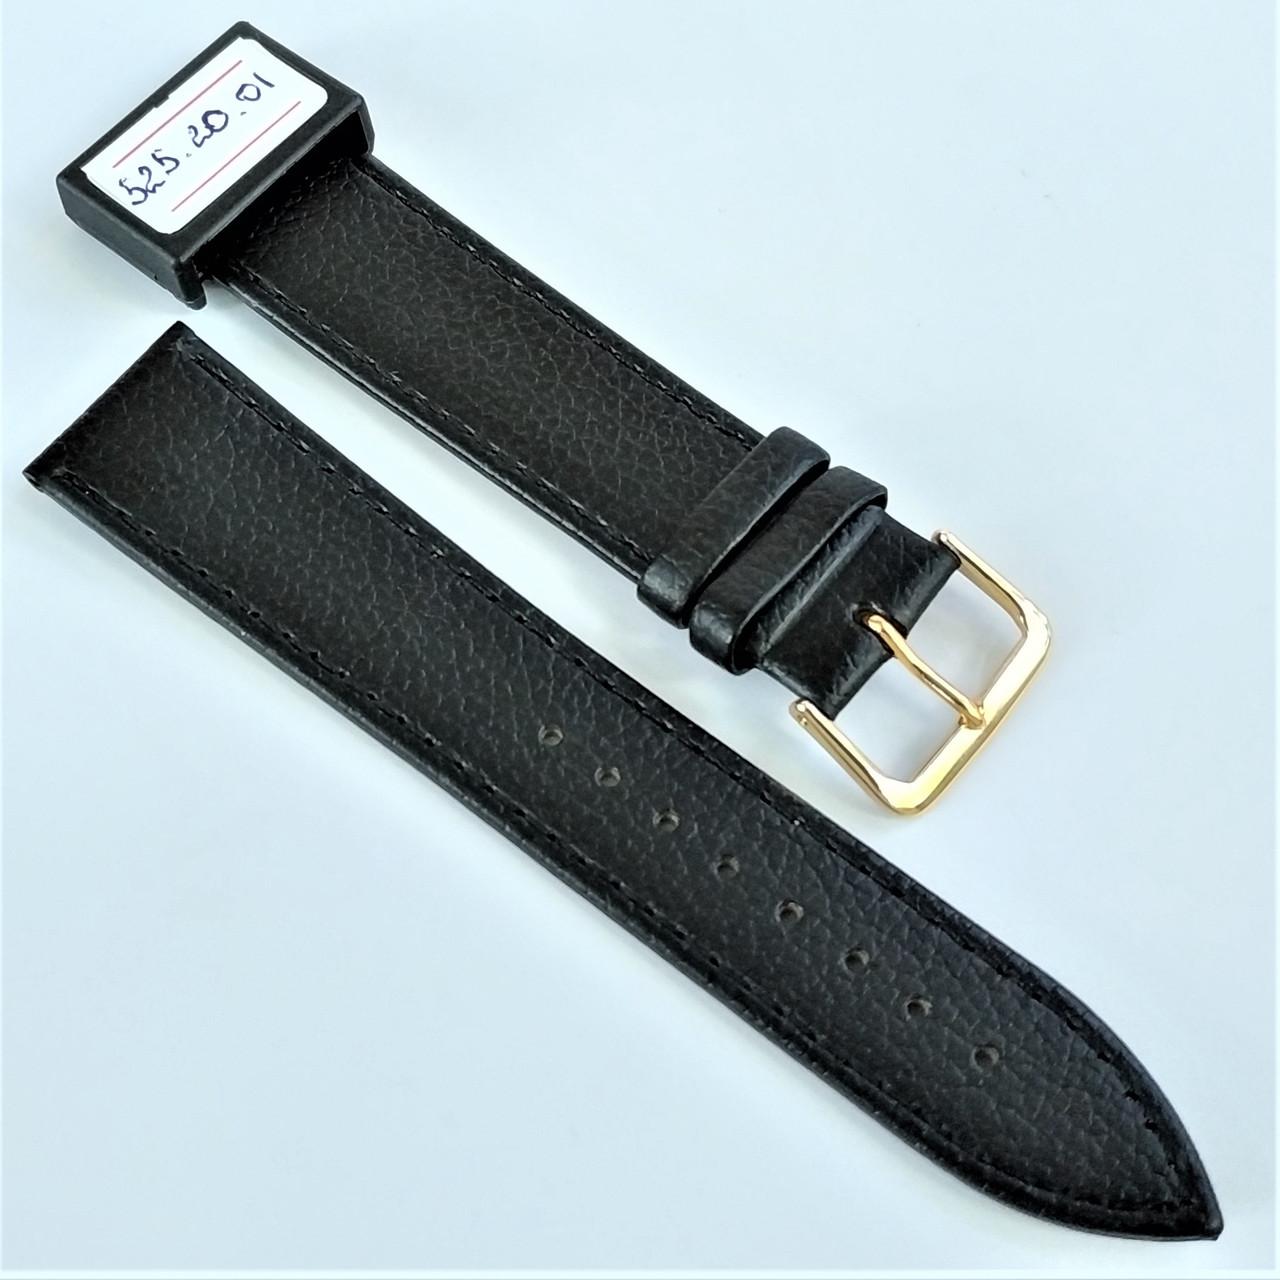 20 мм Кожаный Ремешок для часов CONDOR 525.20.01 Черный Ремешок на часы из Натуральной кожи